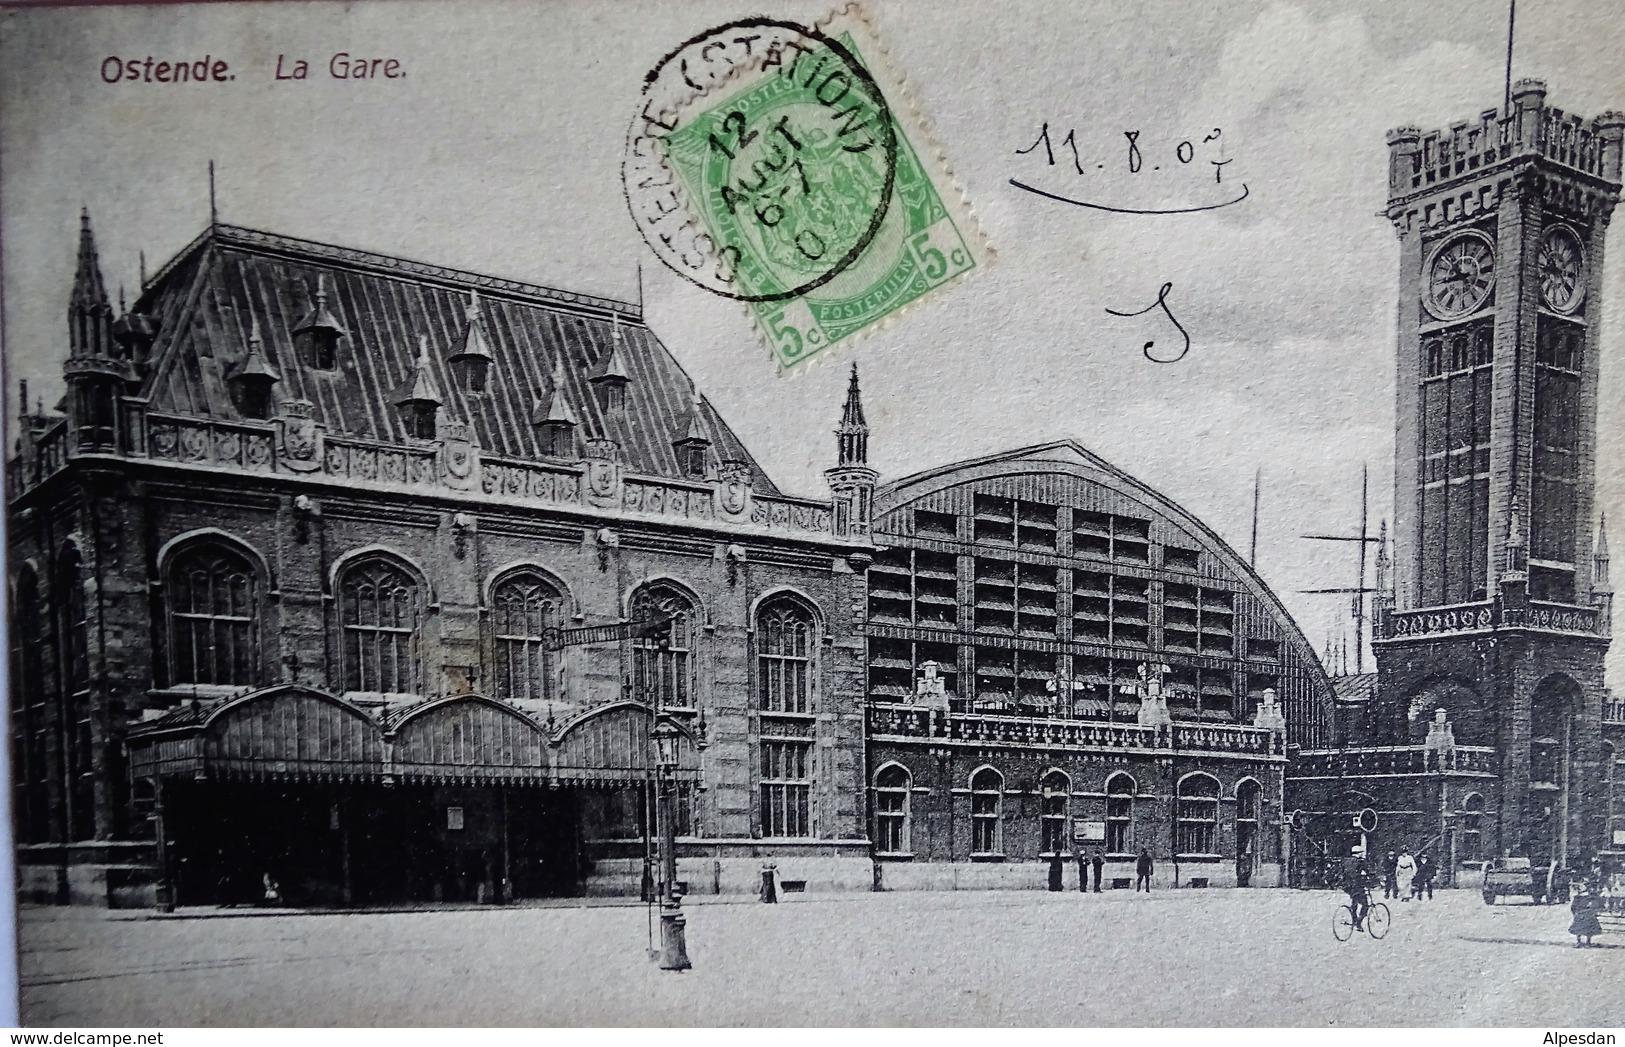 OSTENDE. La Gare - Oostende